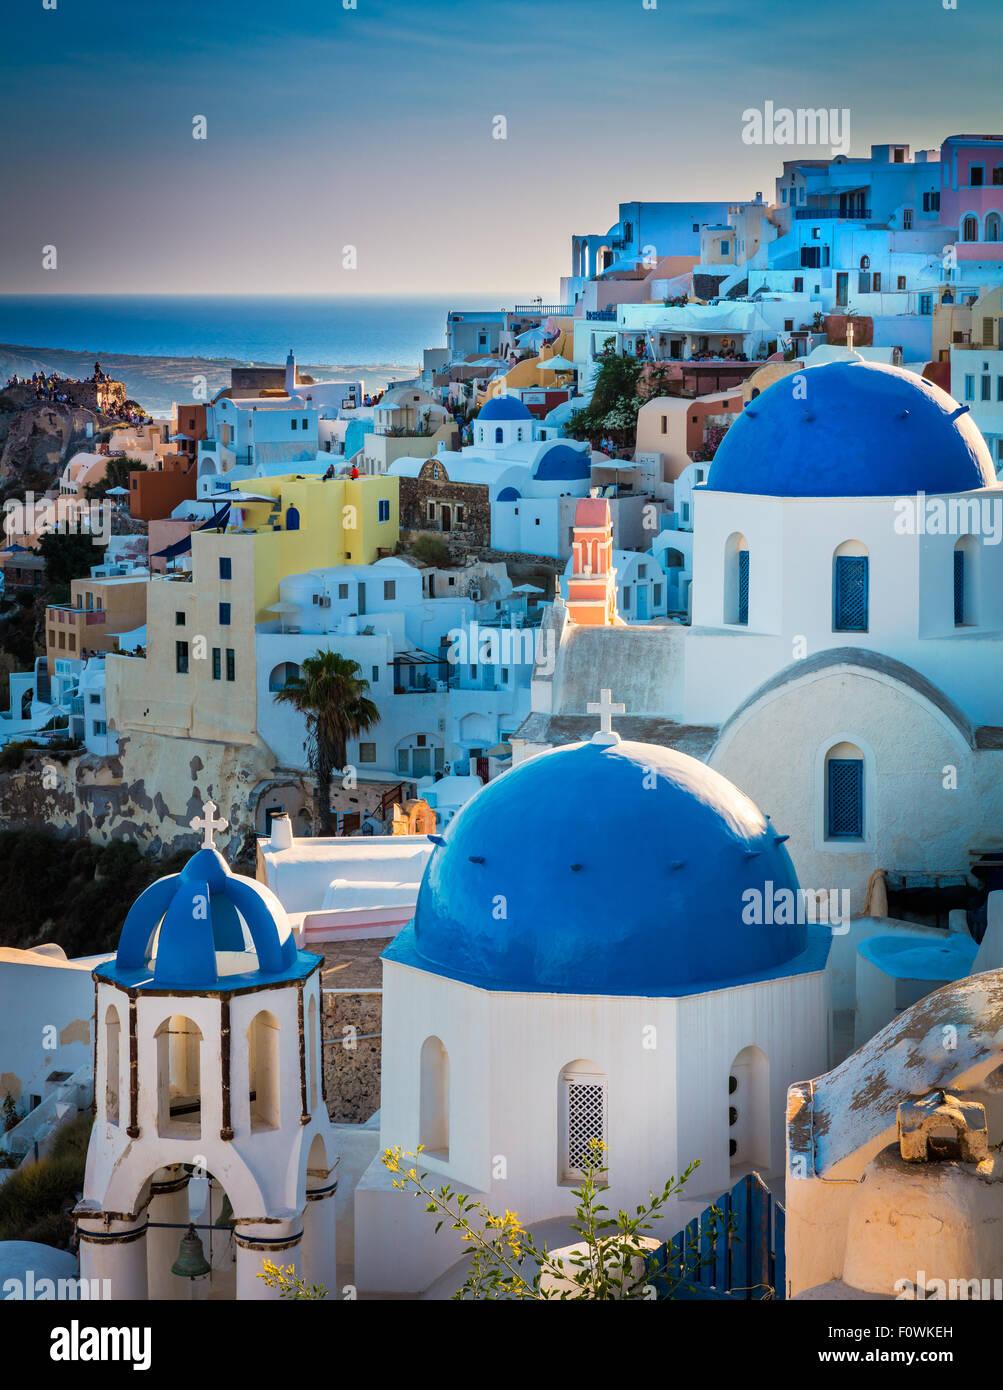 Legendäre blauen gewölbte Kapellen in der Stadt Oia auf der griechischen Insel Santorini (Thira) Stockbild